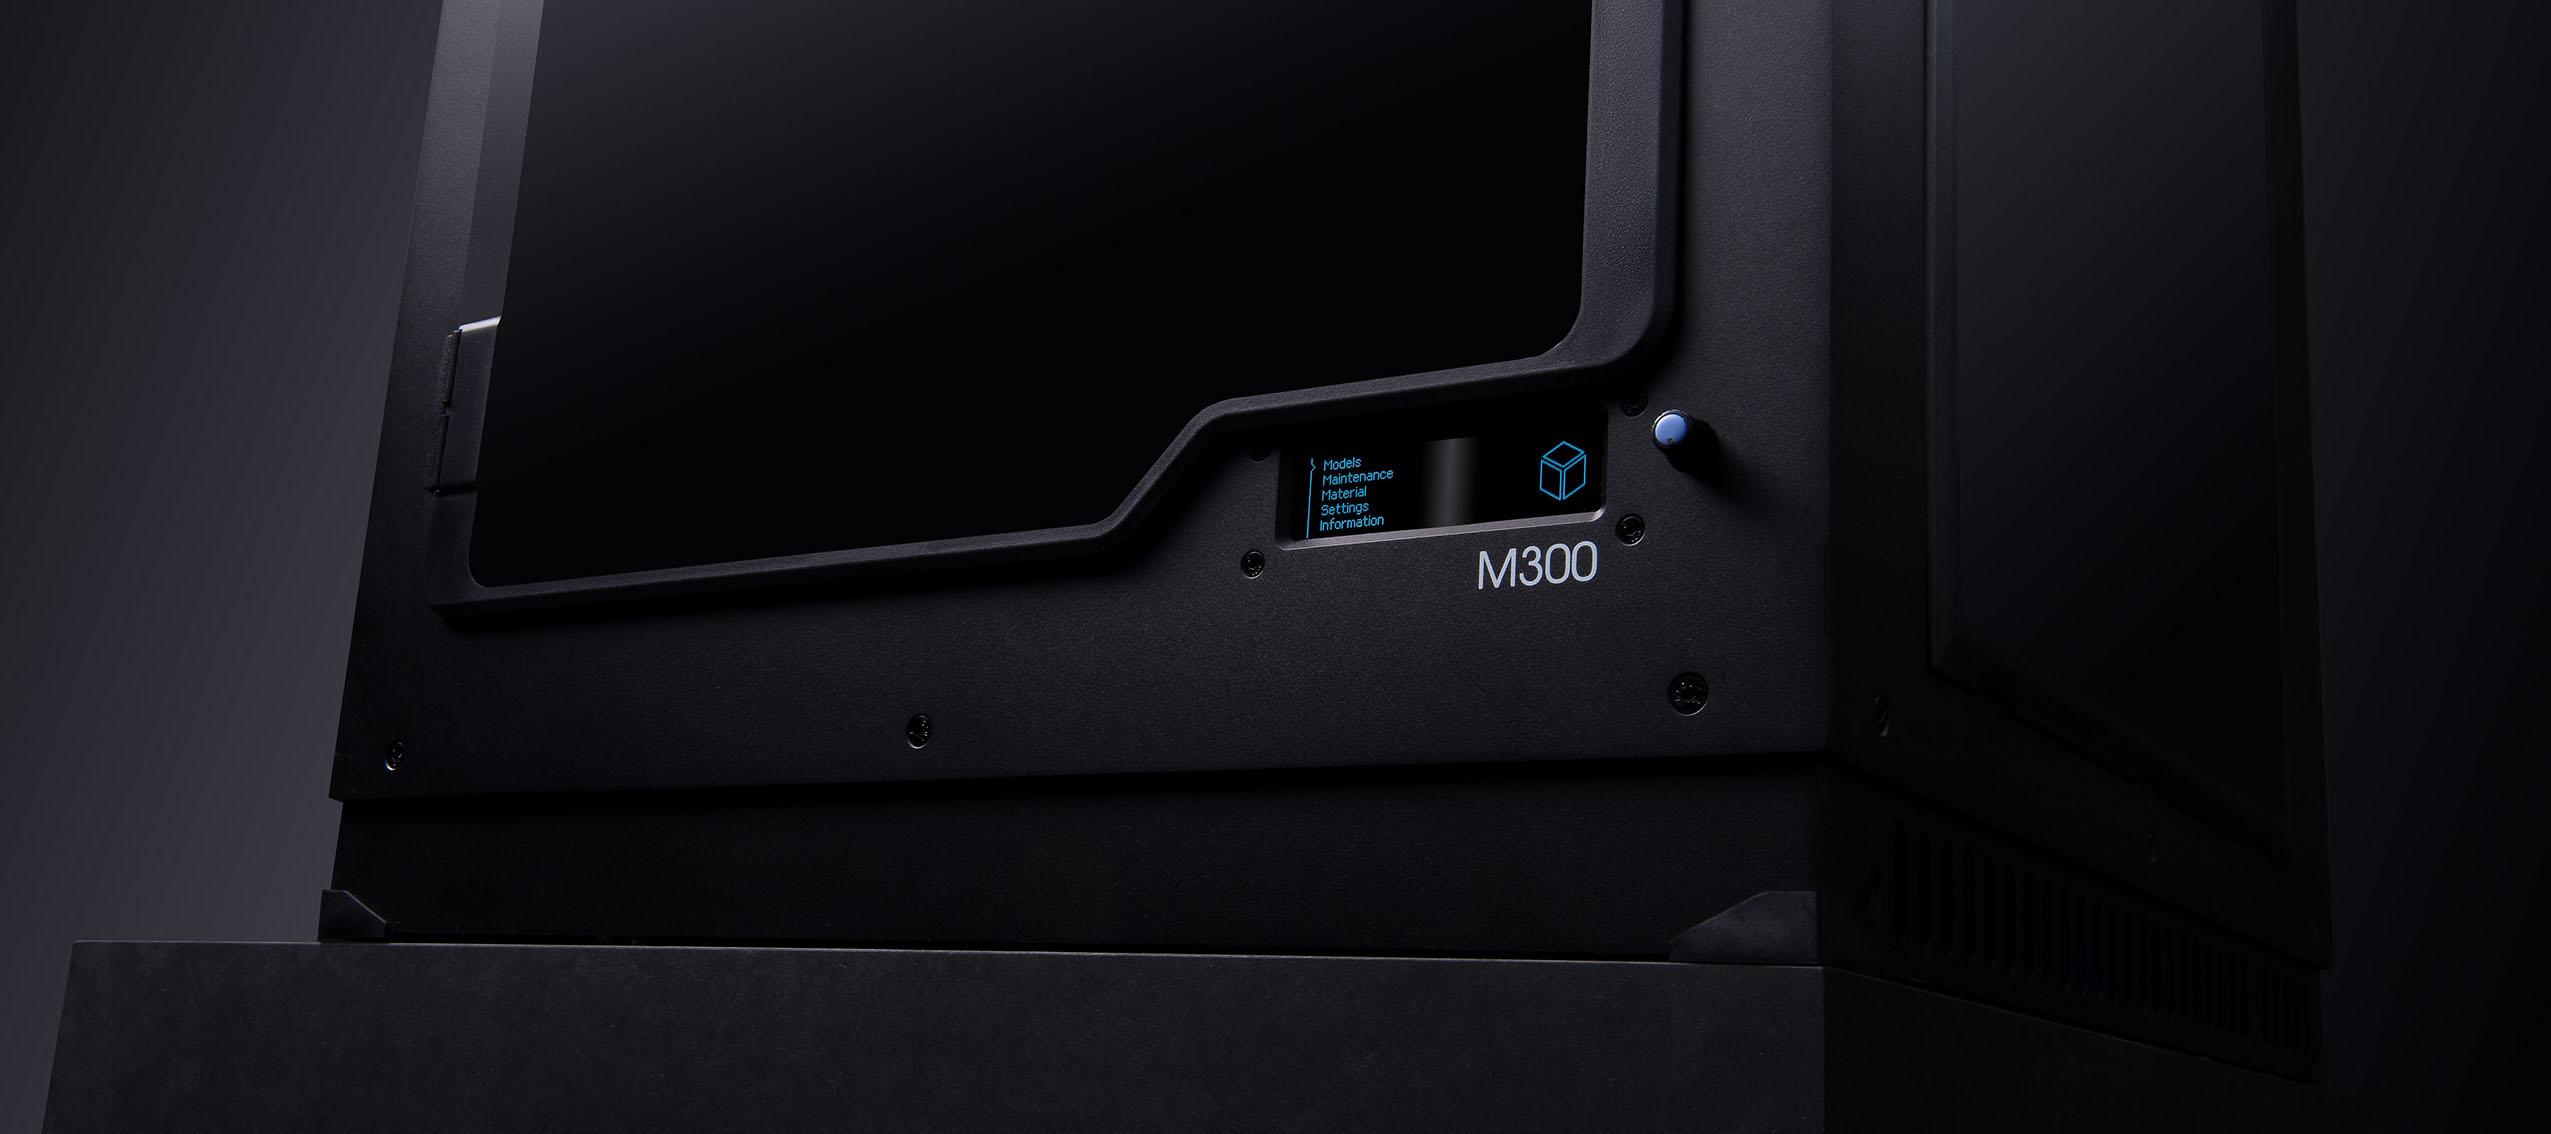 Undo Prototipos presenta la impresora 3D Zortrax 300 y el nuevo material ESD en ADDIT3D